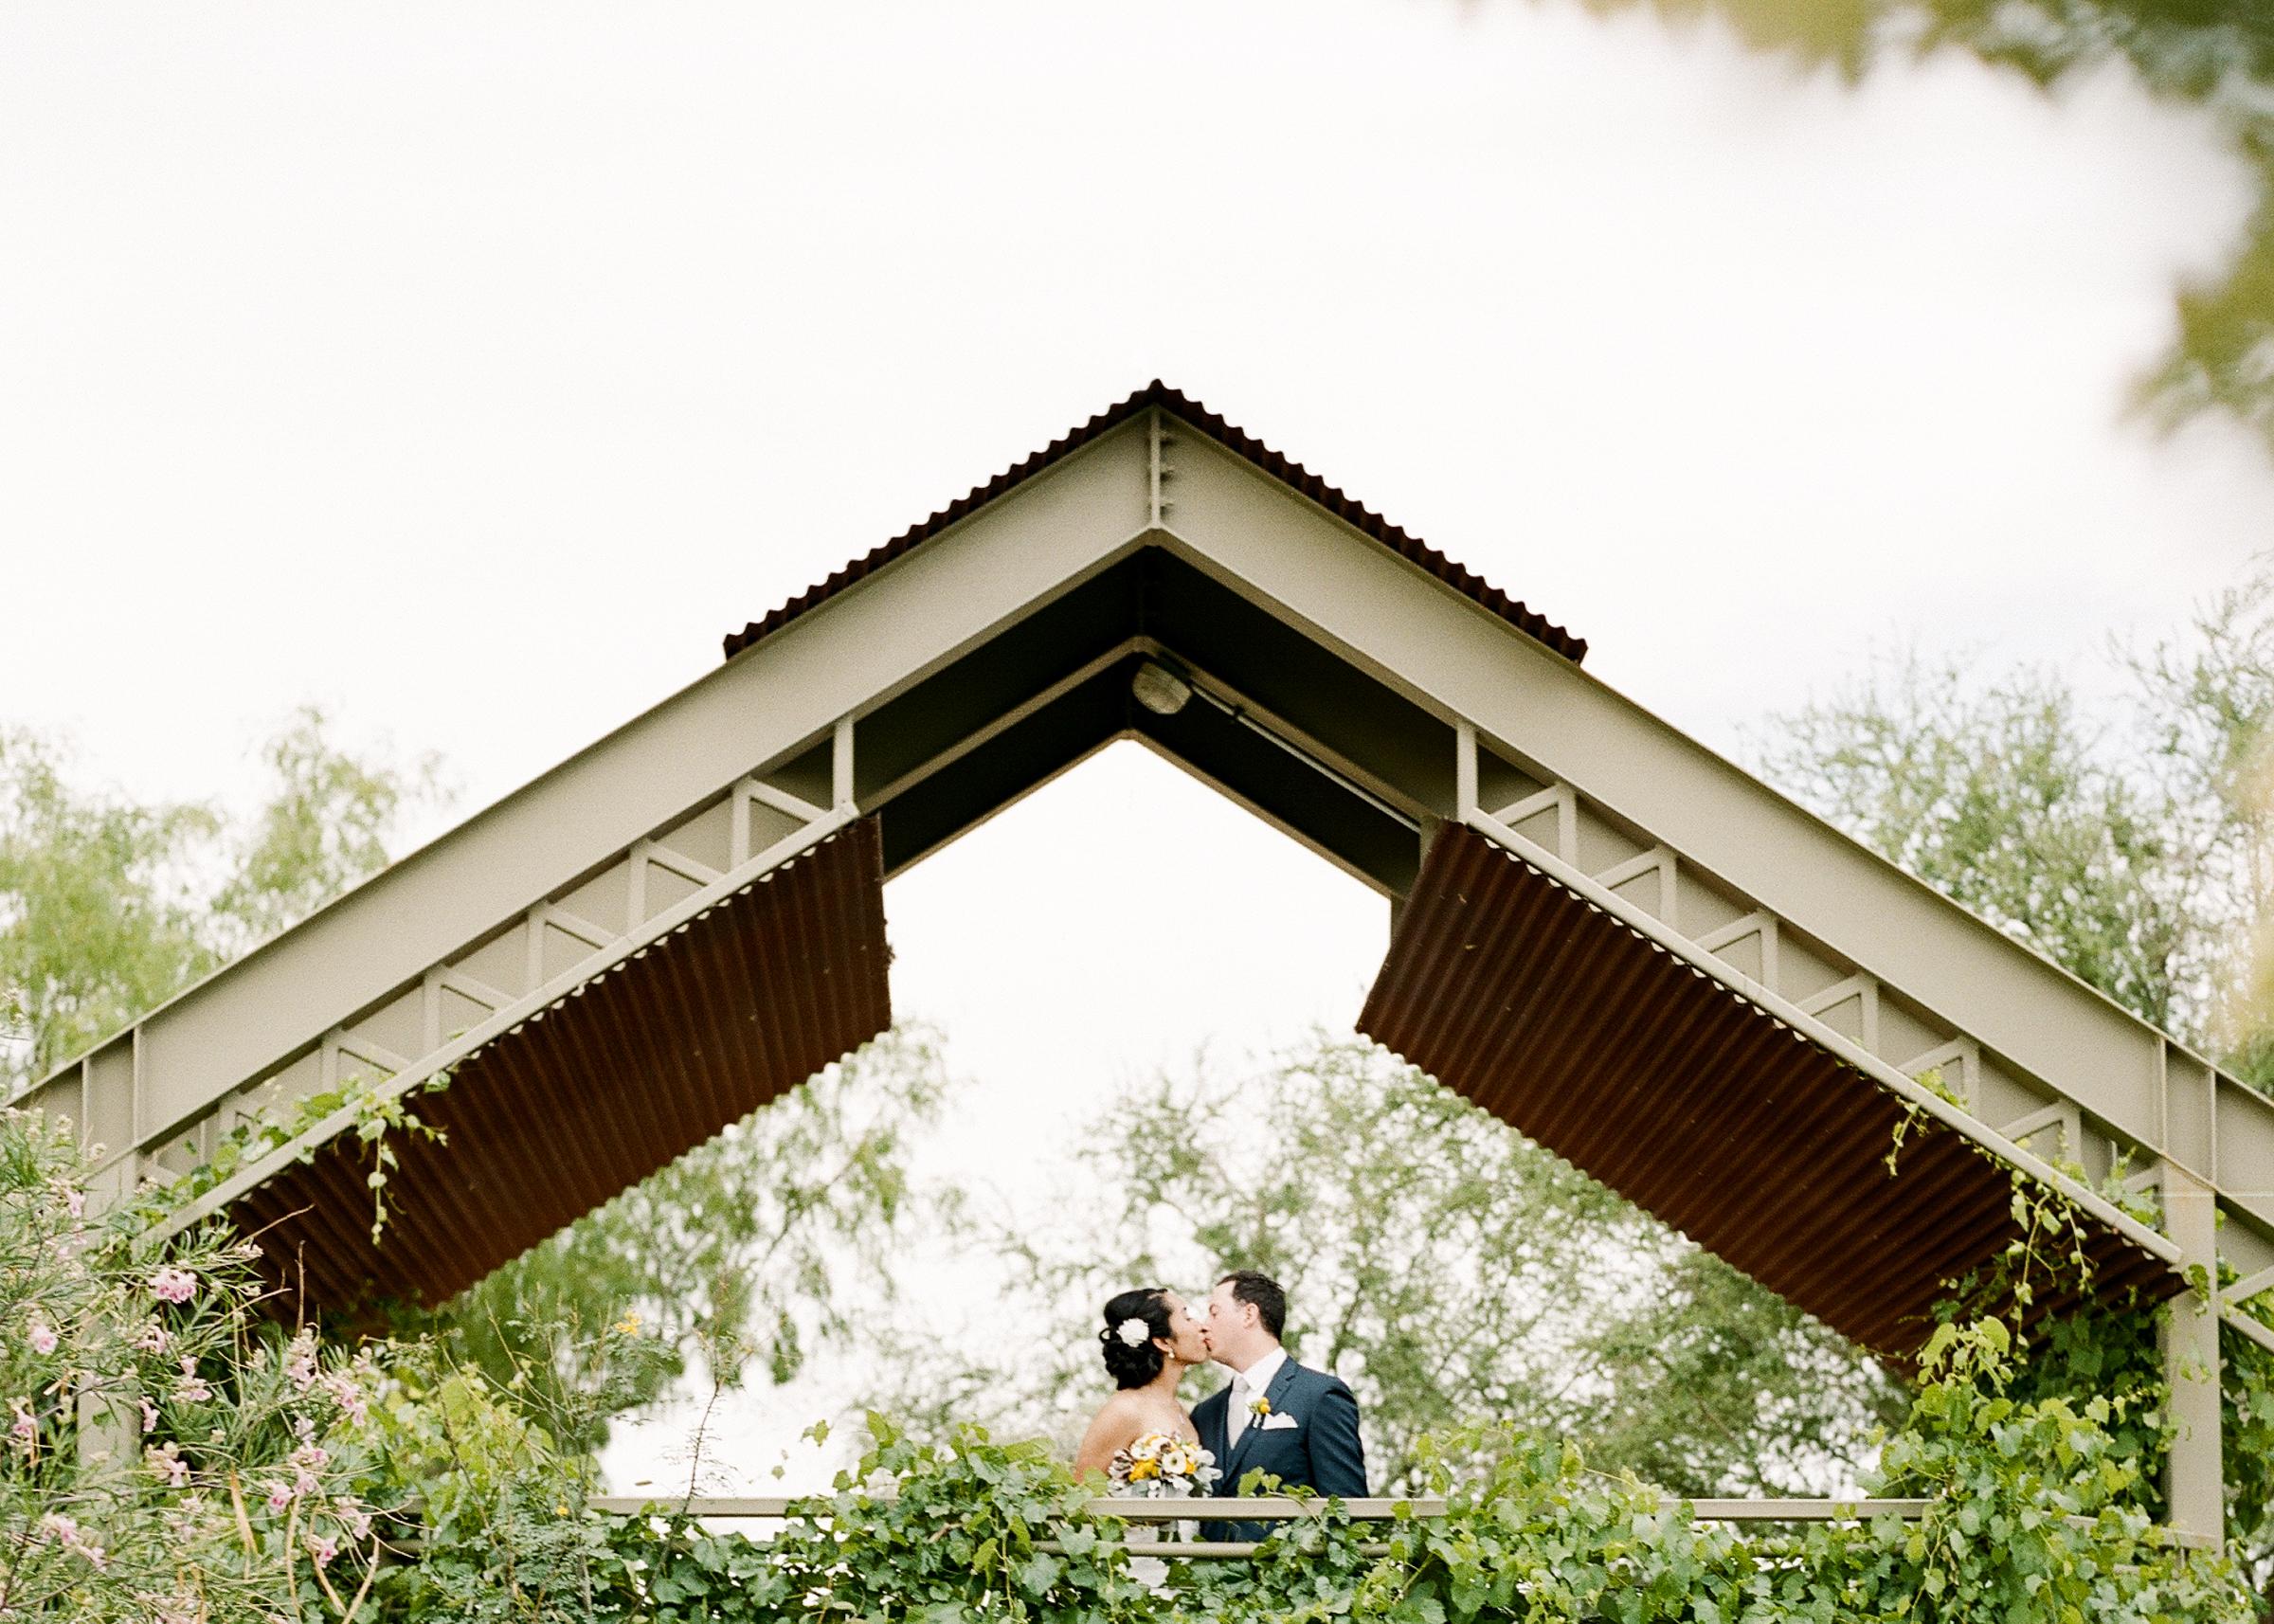 Springs-Preserve- Wedding-Bride-and-Groom-Kiss-1.jpg